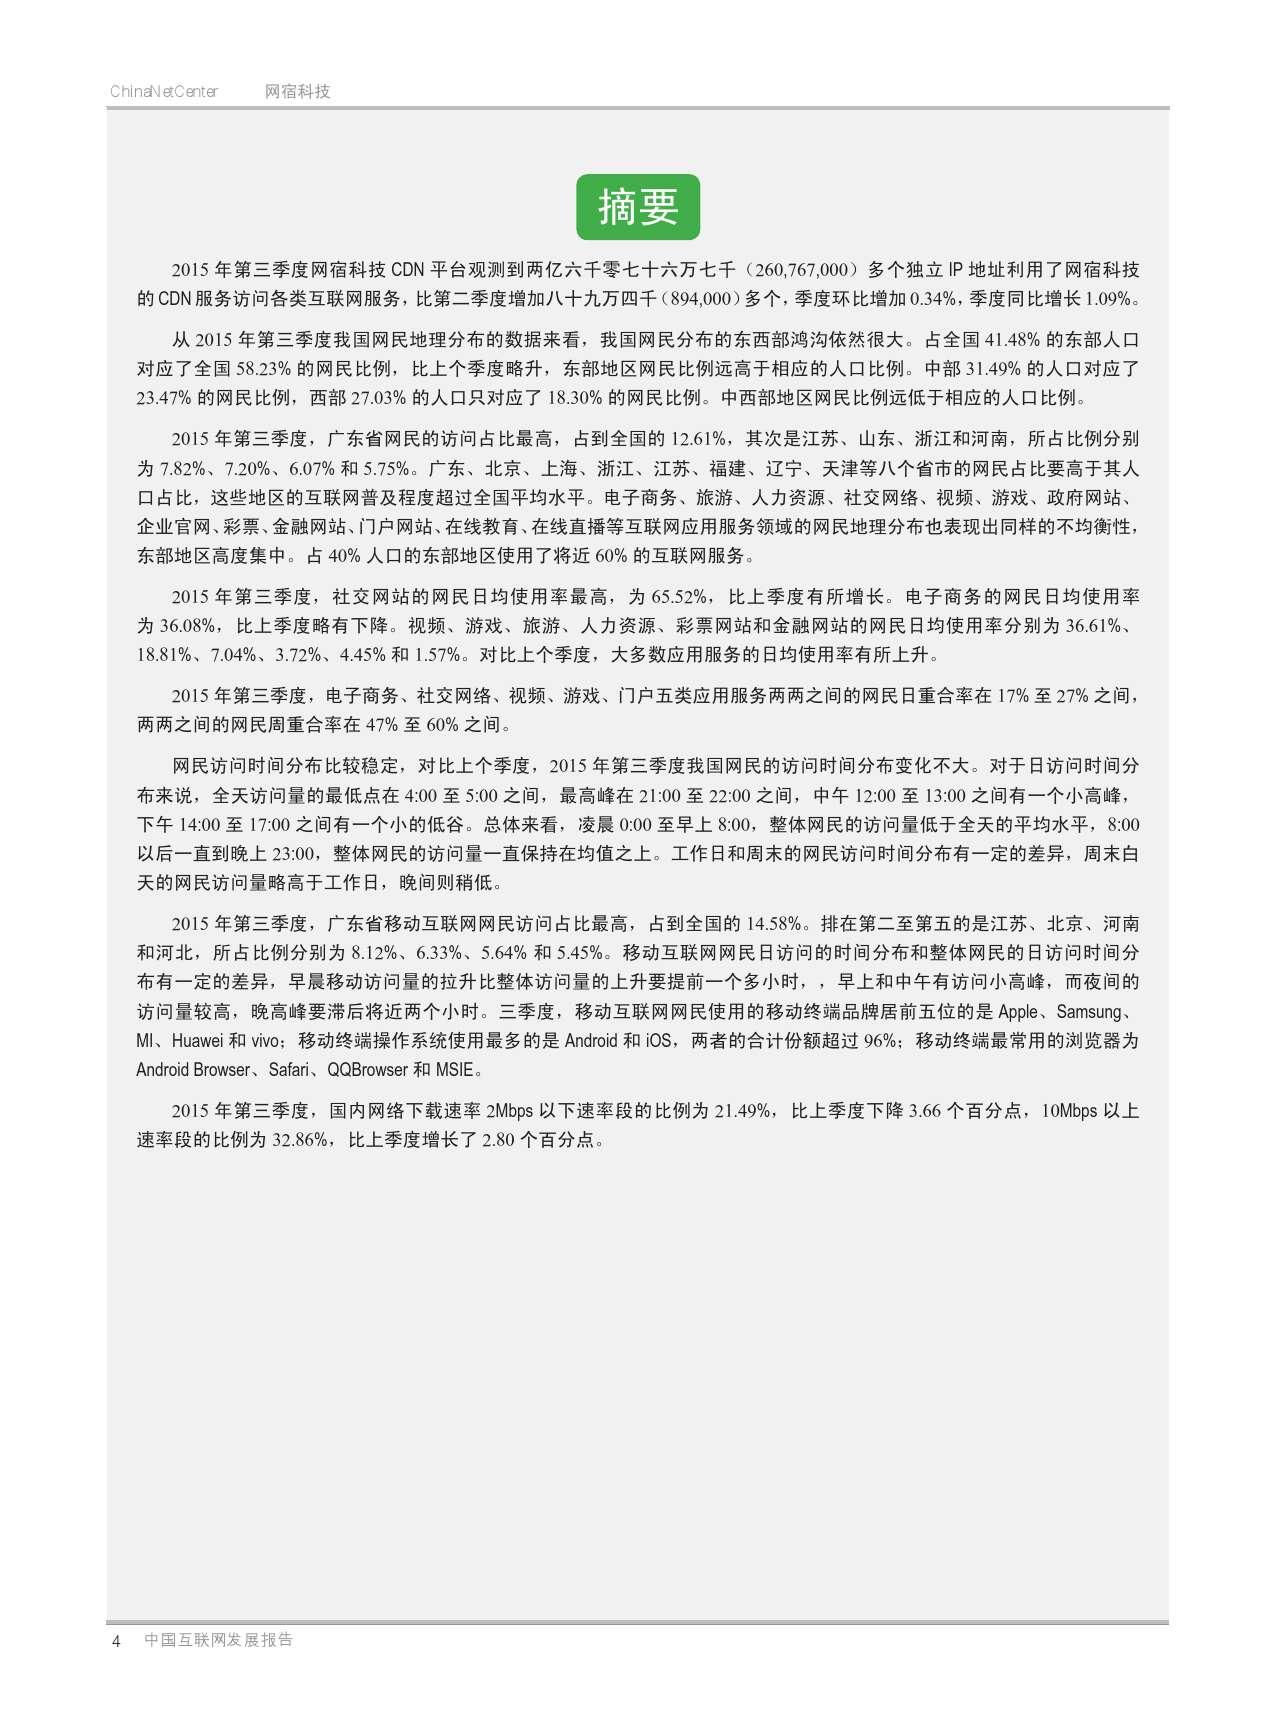 网宿:2015年Q3互联网报告_000003